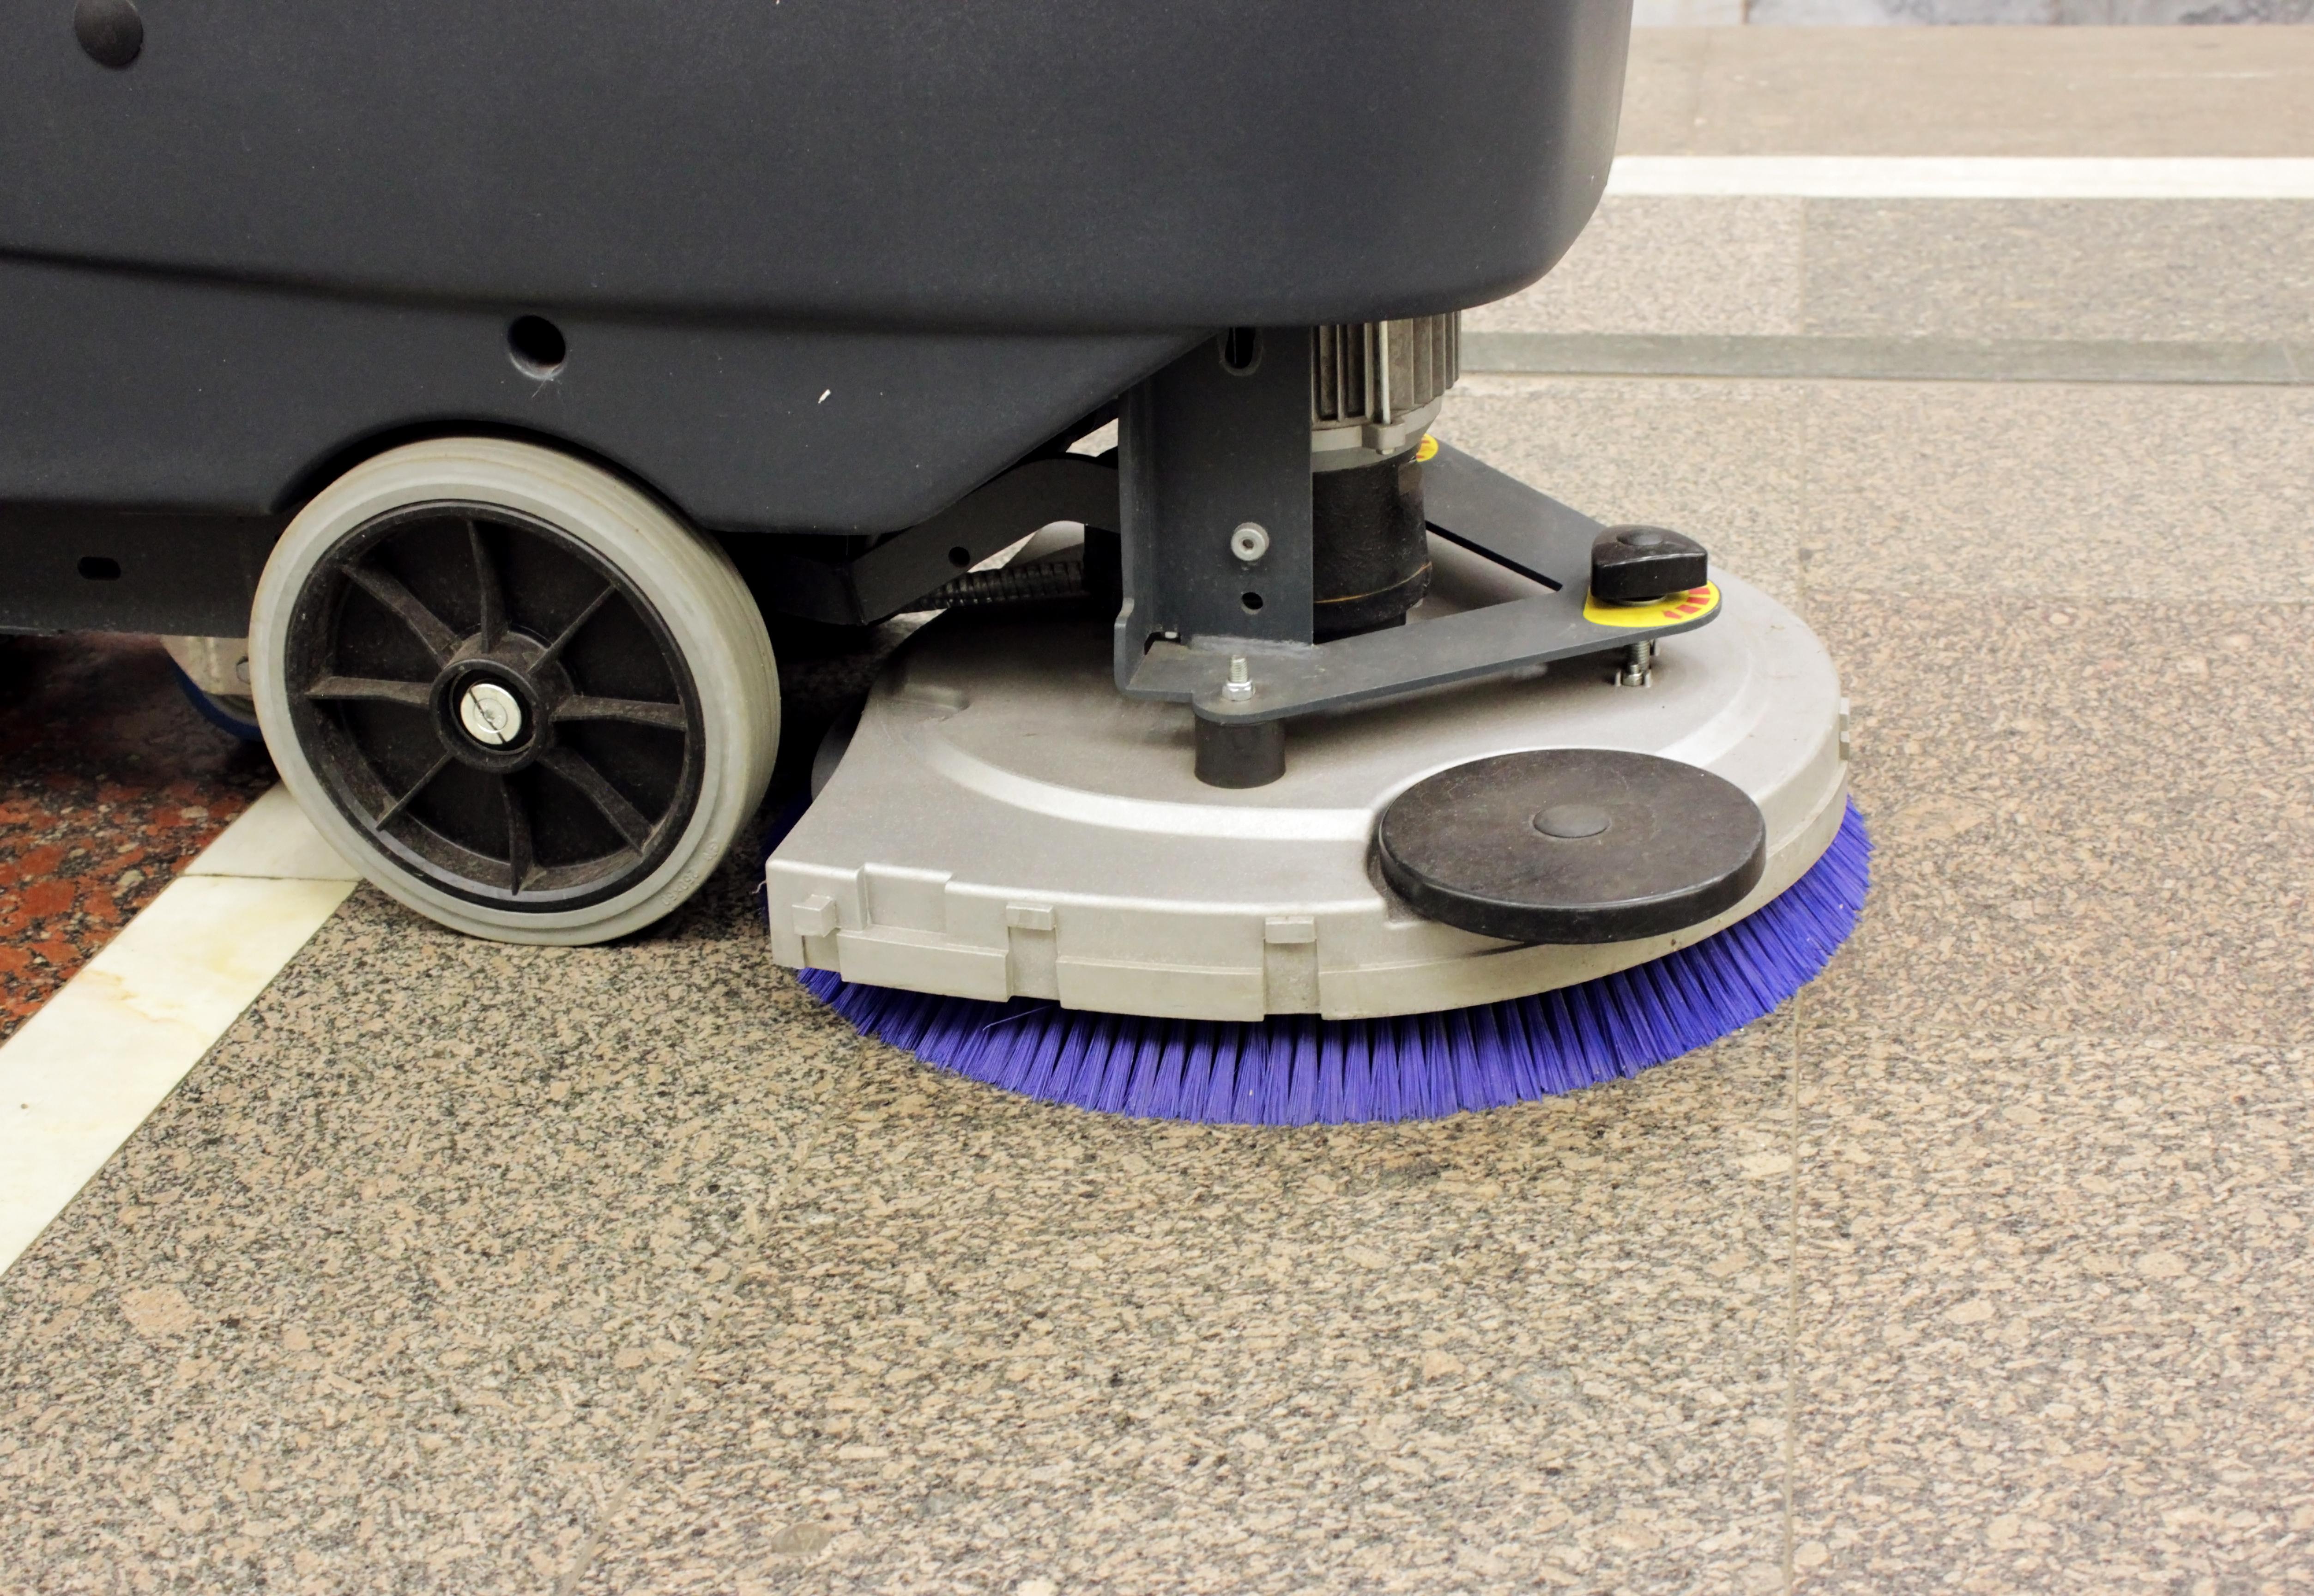 scrubber dryer